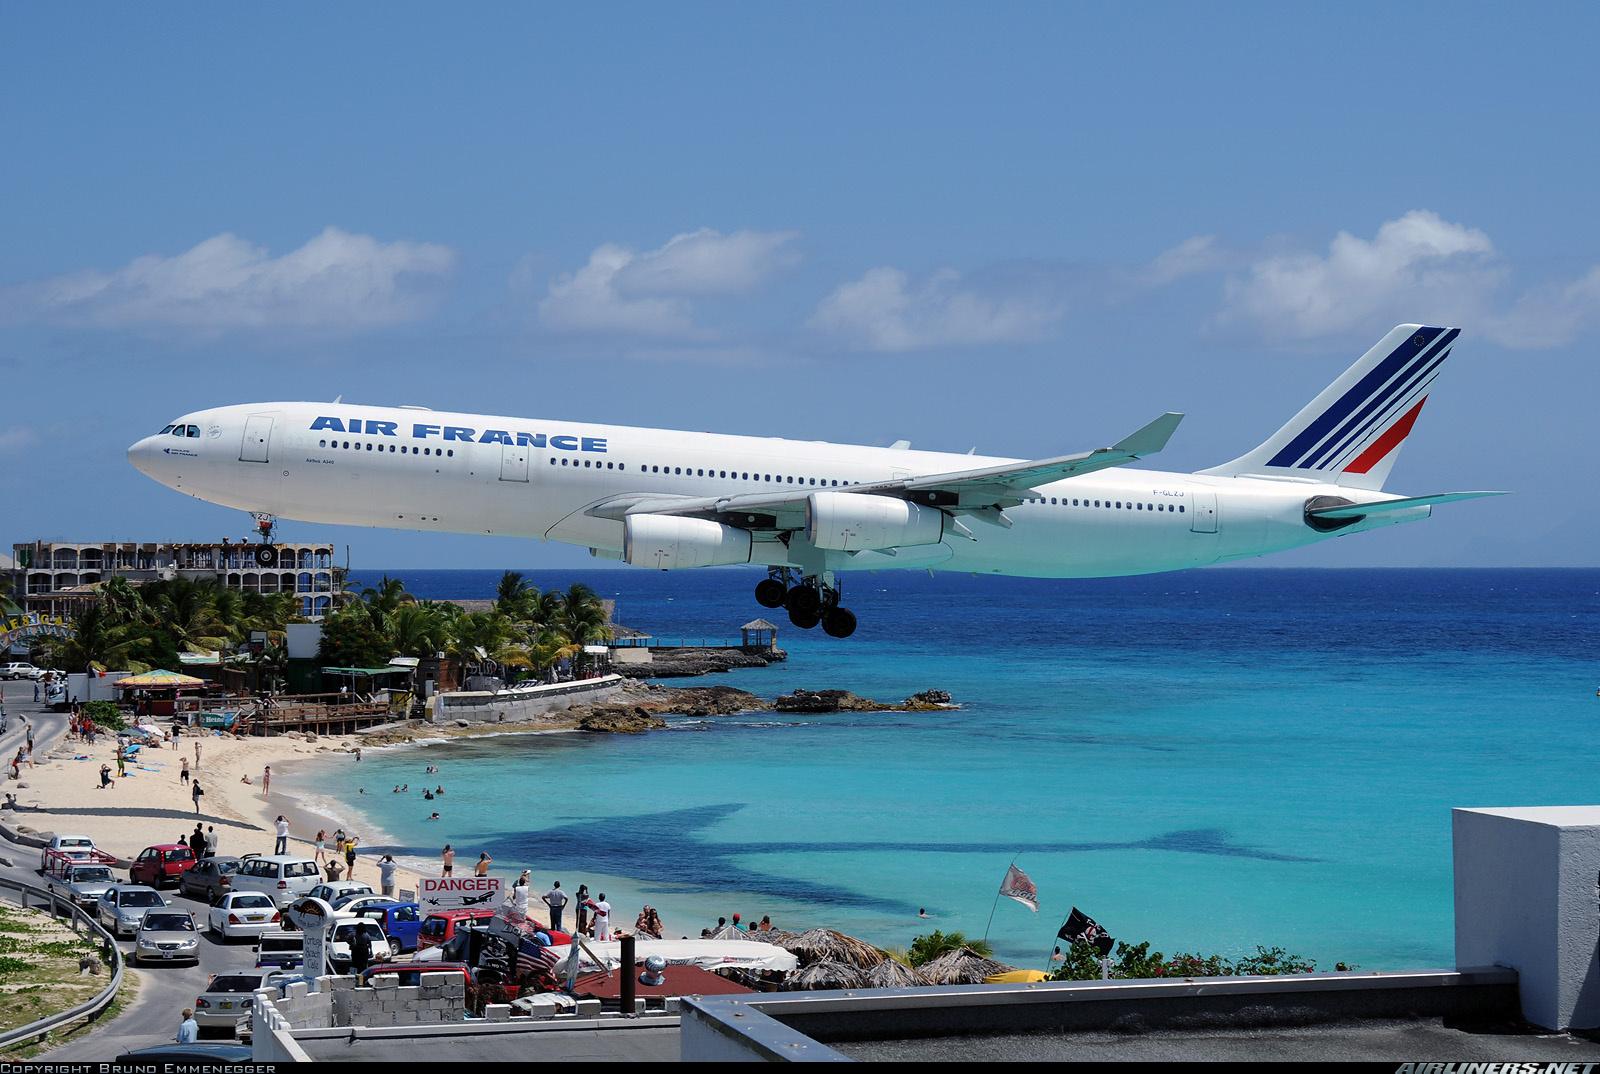 http://2.bp.blogspot.com/-ZvnarNS78Wk/TdfGqQMLH1I/AAAAAAAACgU/9PFObe6mlnE/s1600/Aircraft+wallpaper+airbus+a340.jpg